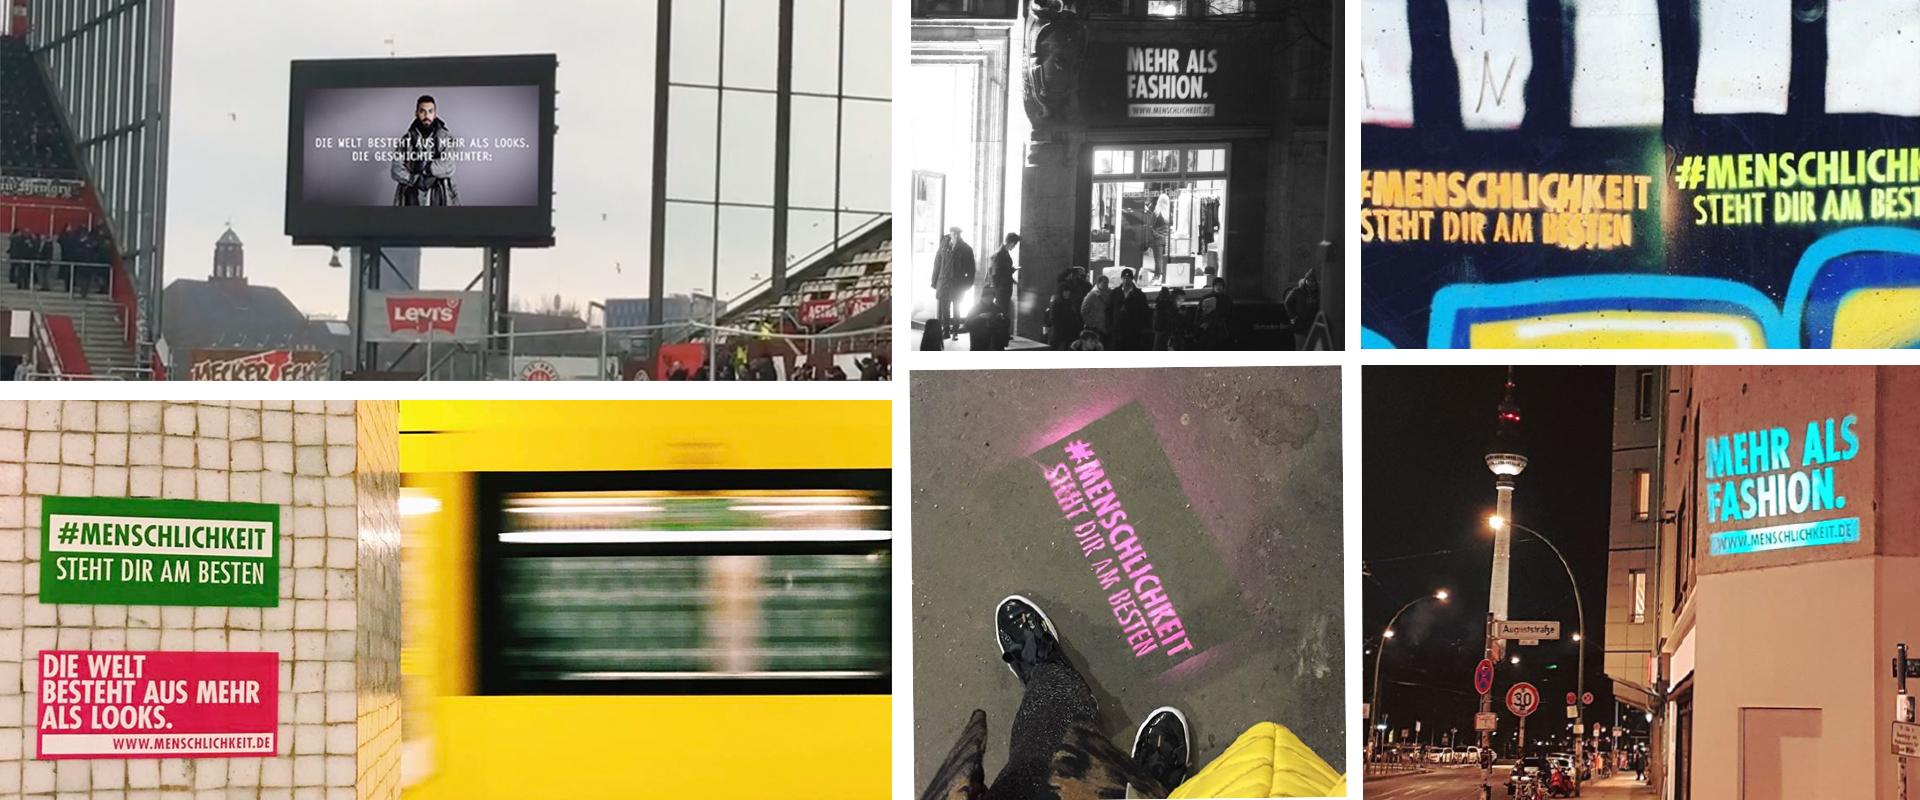 Bildergallerie von Slogan #Menschlichkeit steht dir am besten in Oeffentlichkeit